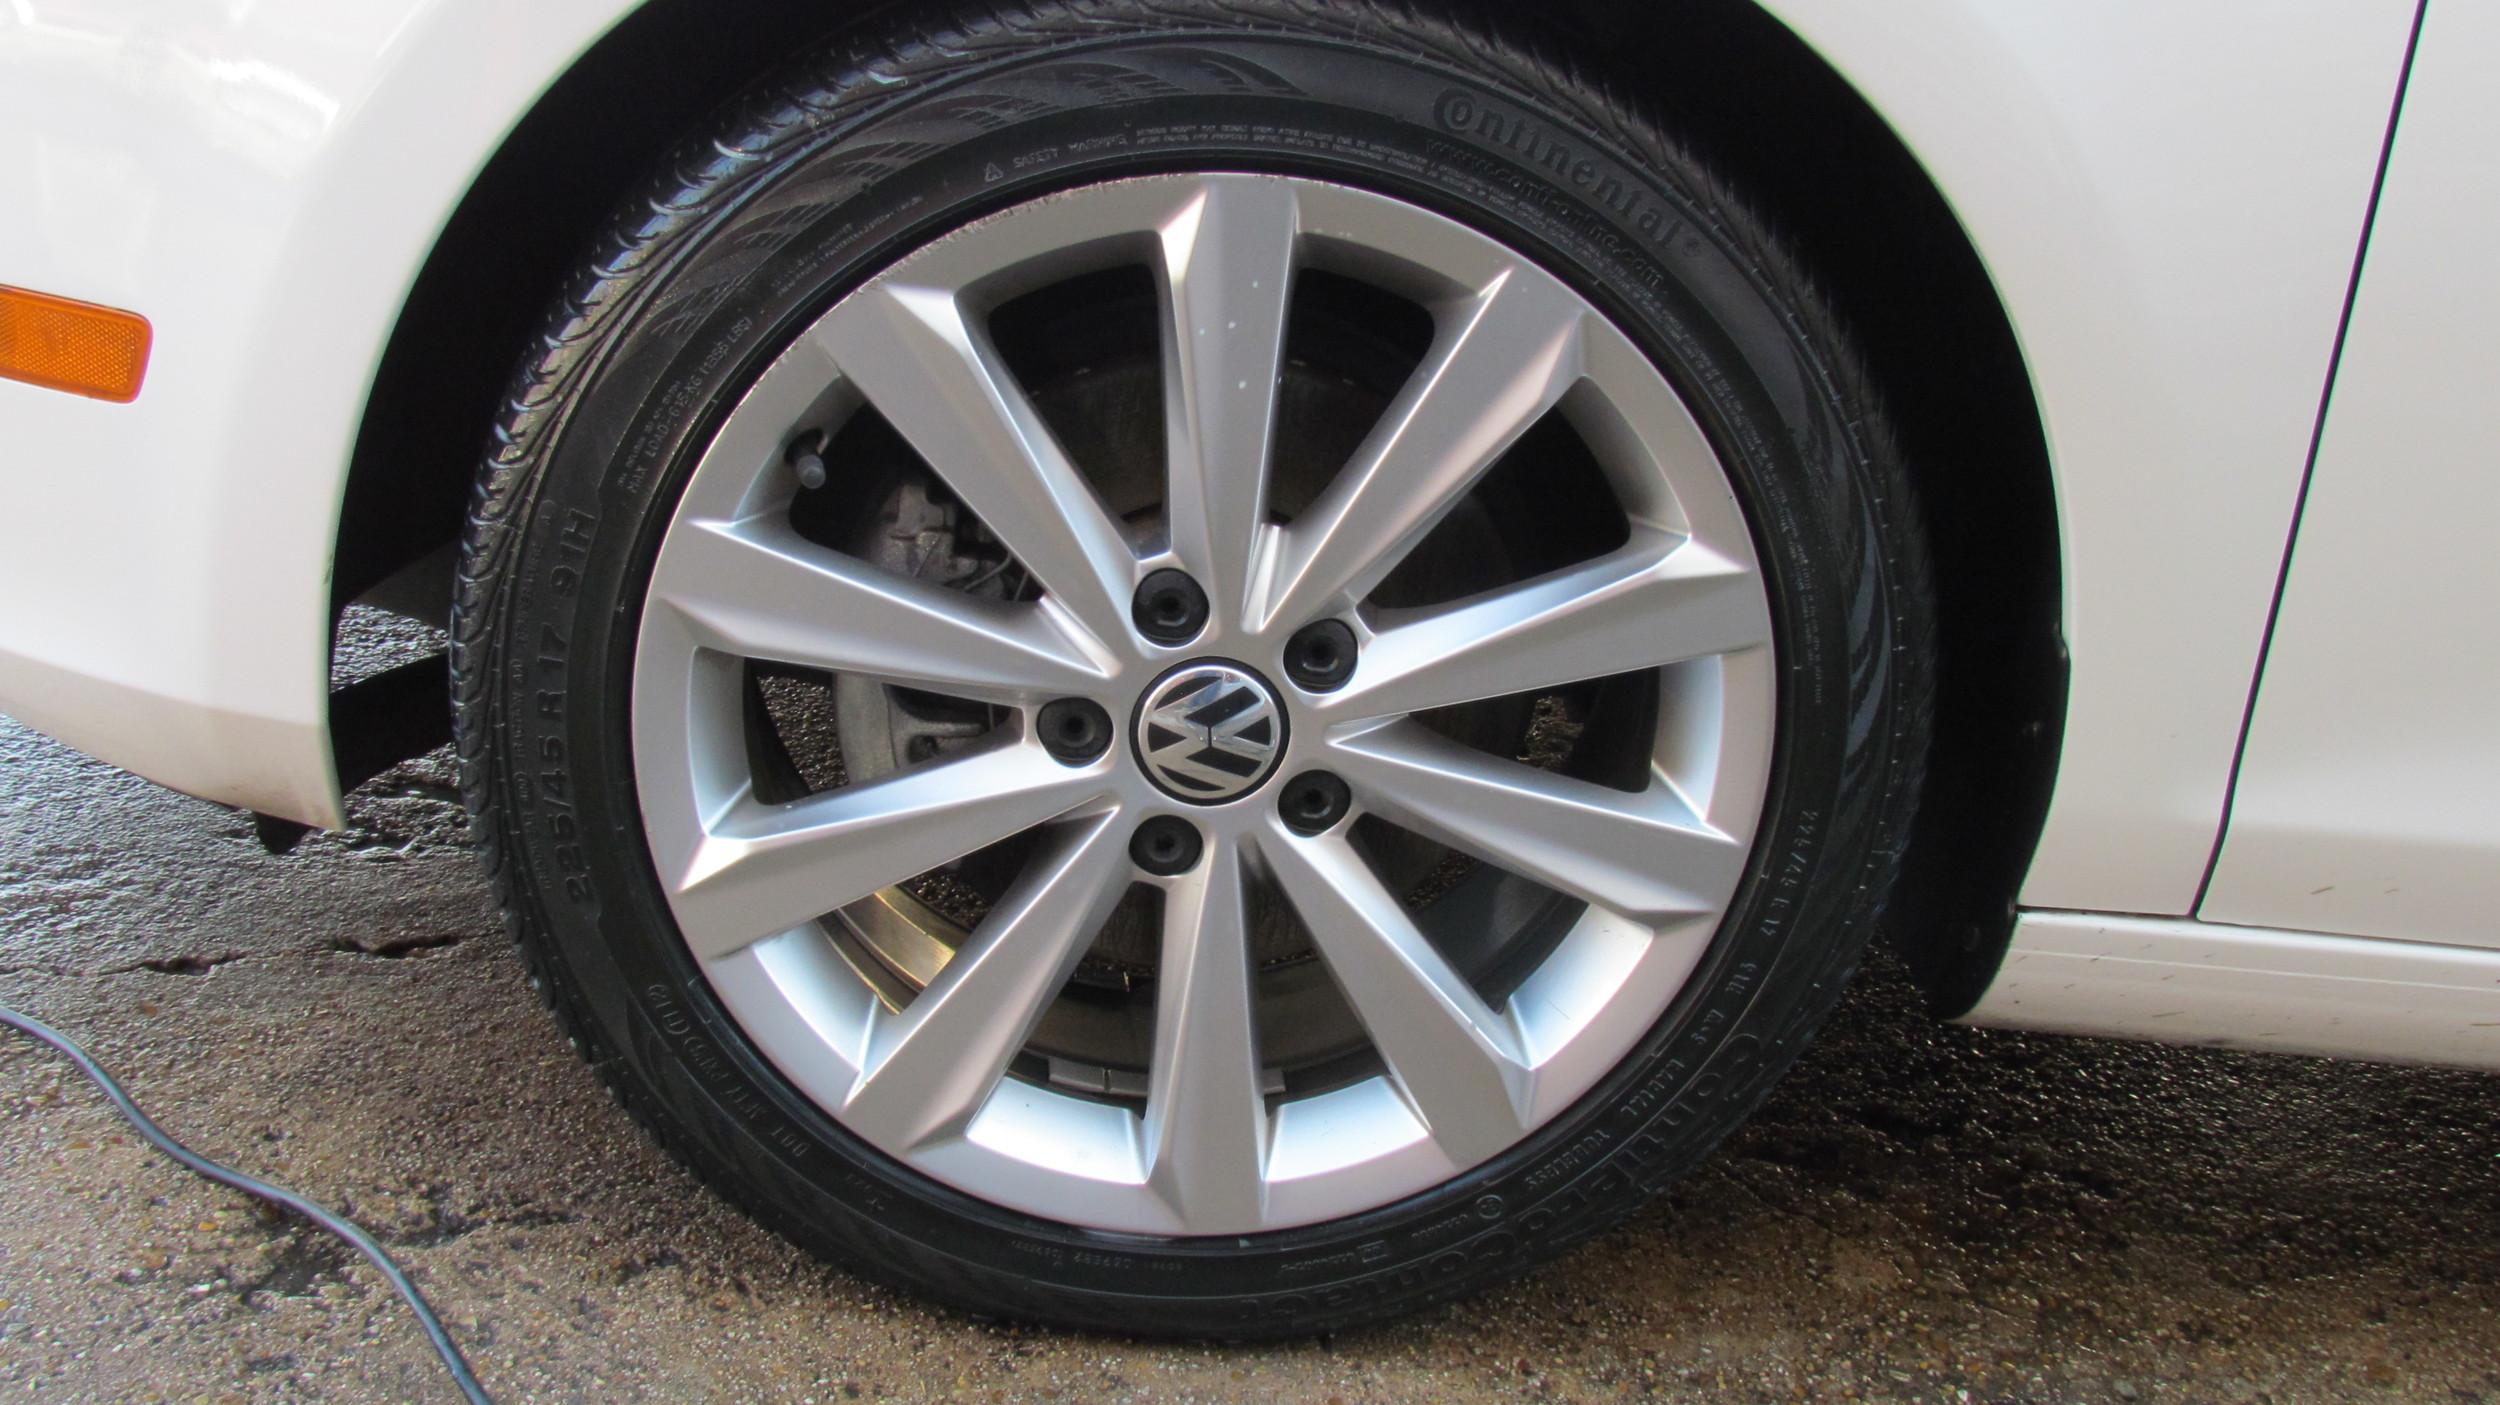 Volkswagon Golf GTI (Clean Slate)